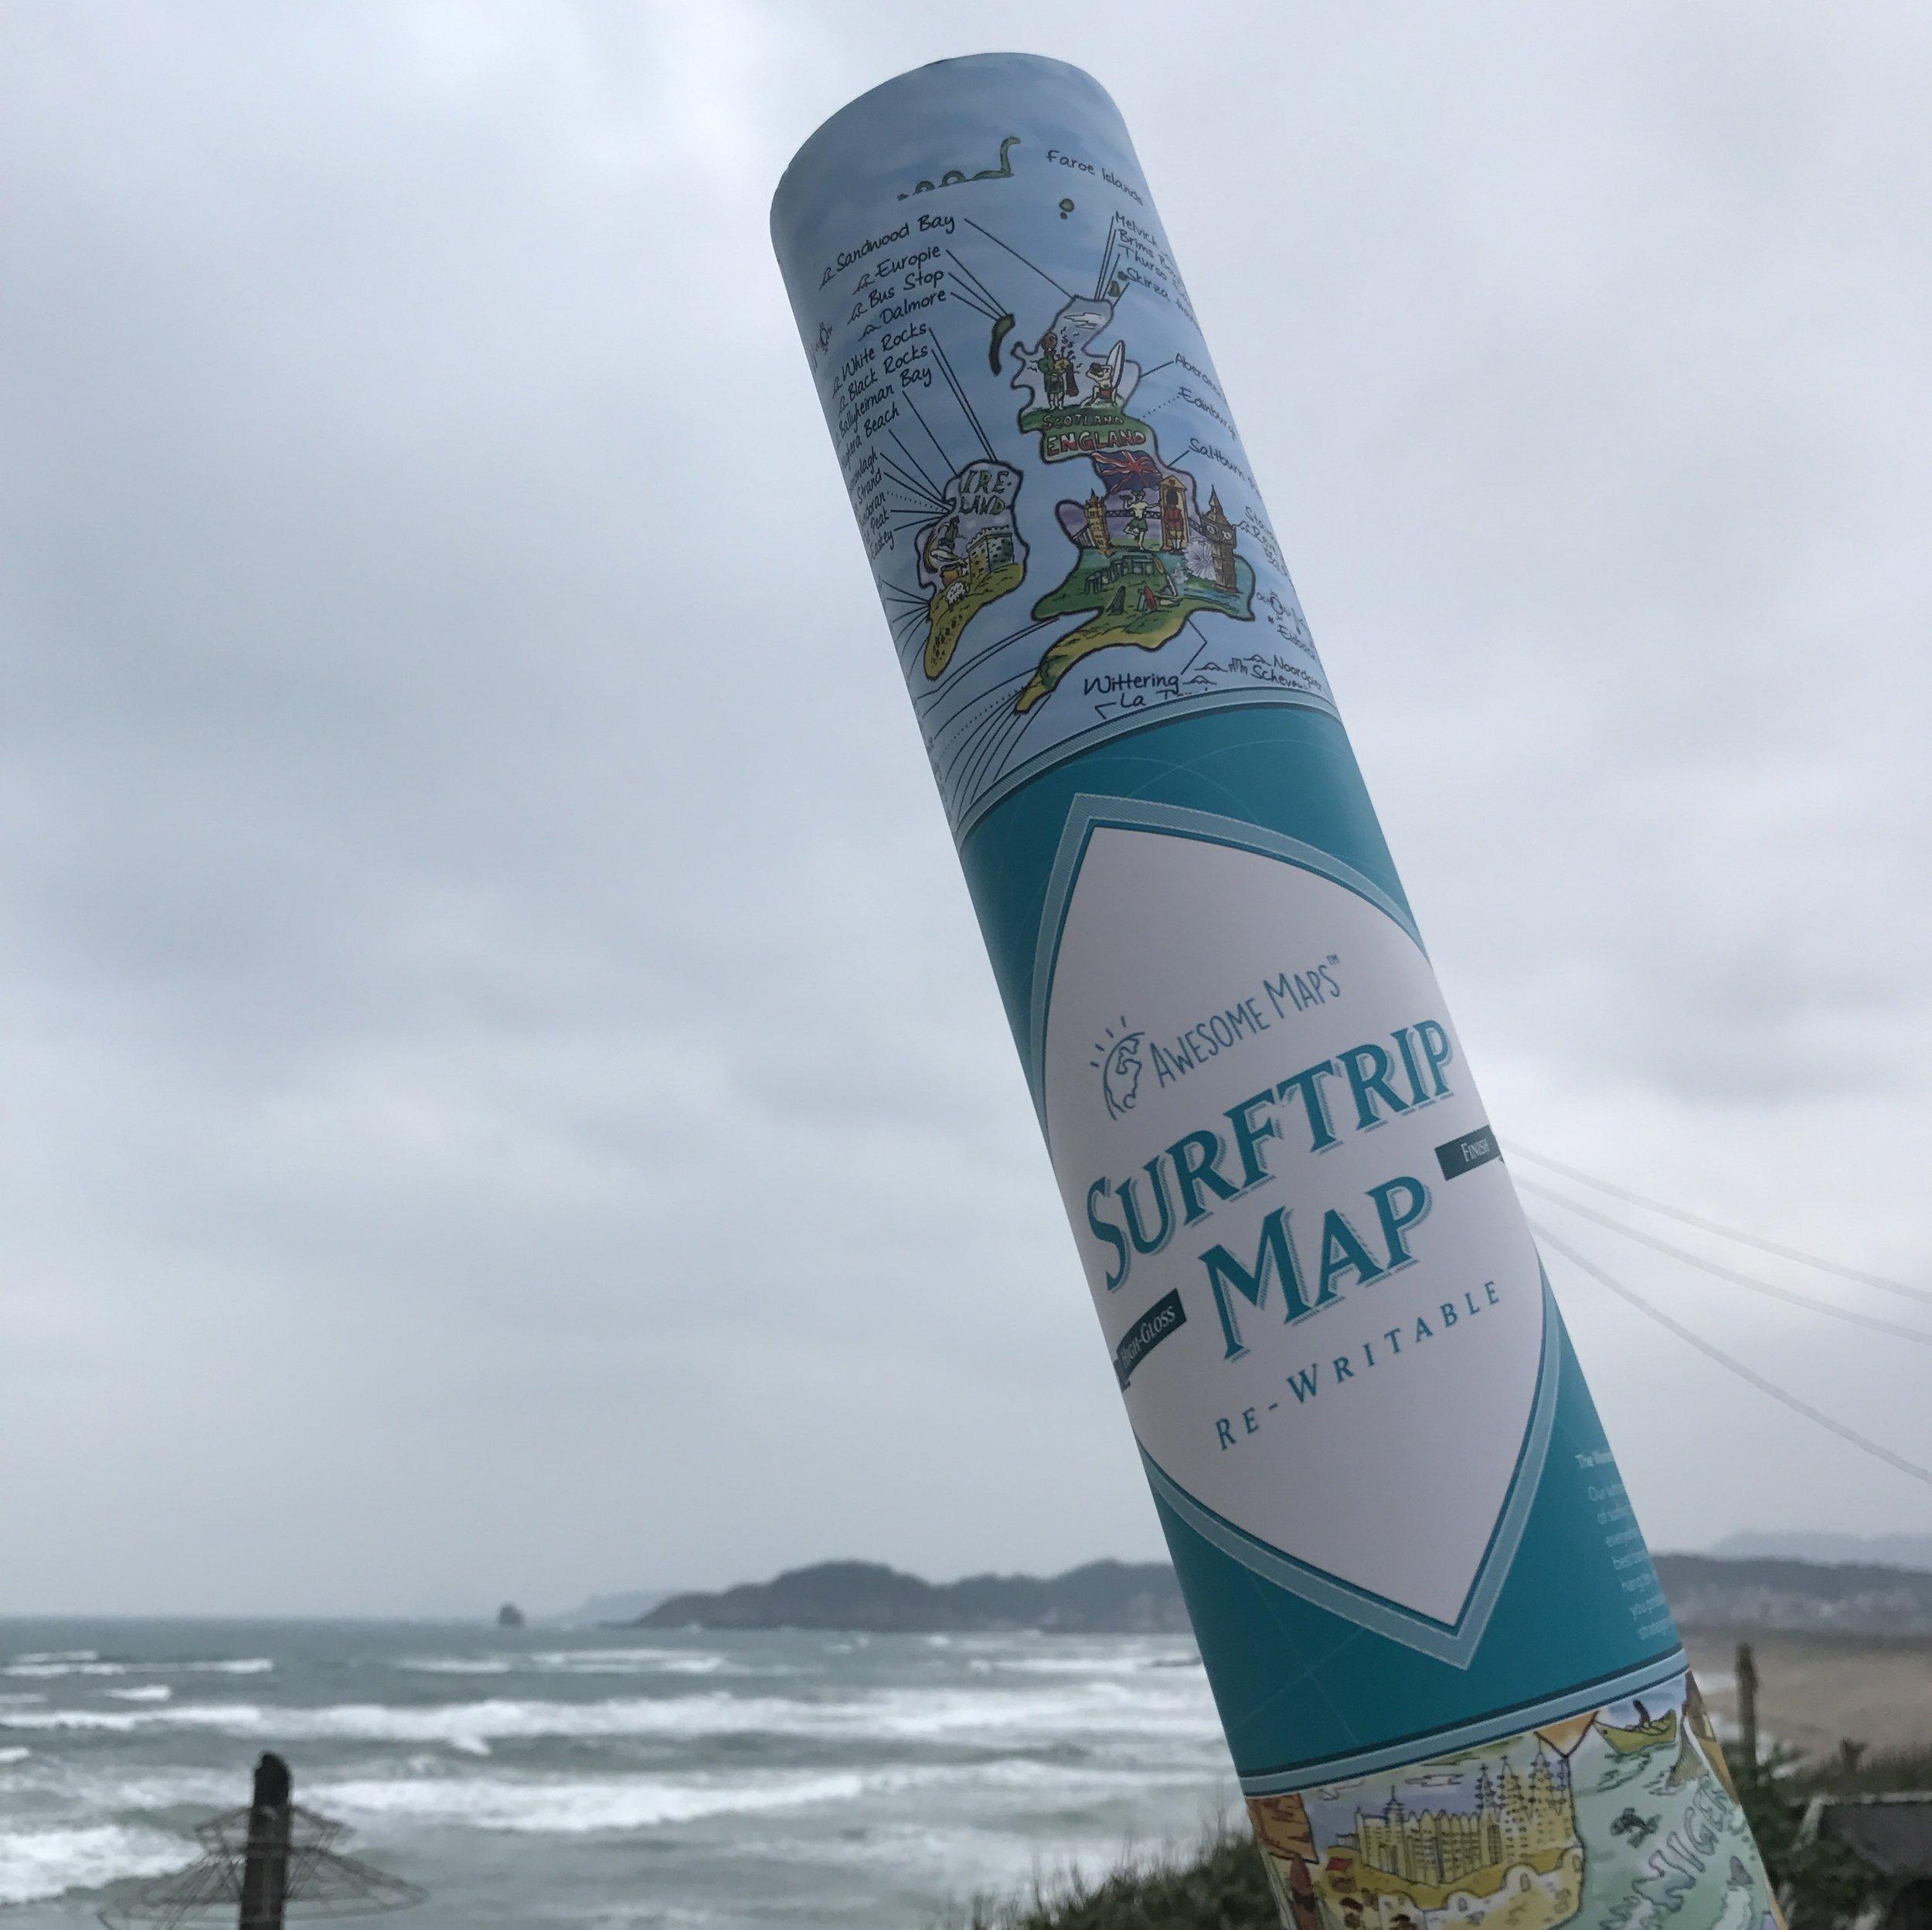 【德國Surftrip Map】世界衝浪地圖  介紹了全世界超過1000個浪點與浪況,並且使用白板塗層可以讓你重覆塗寫的紙質,方便開始計劃或紀錄你的世界衝浪旅程,誰說環遊世界只能看古蹟呢?衝浪也可以。